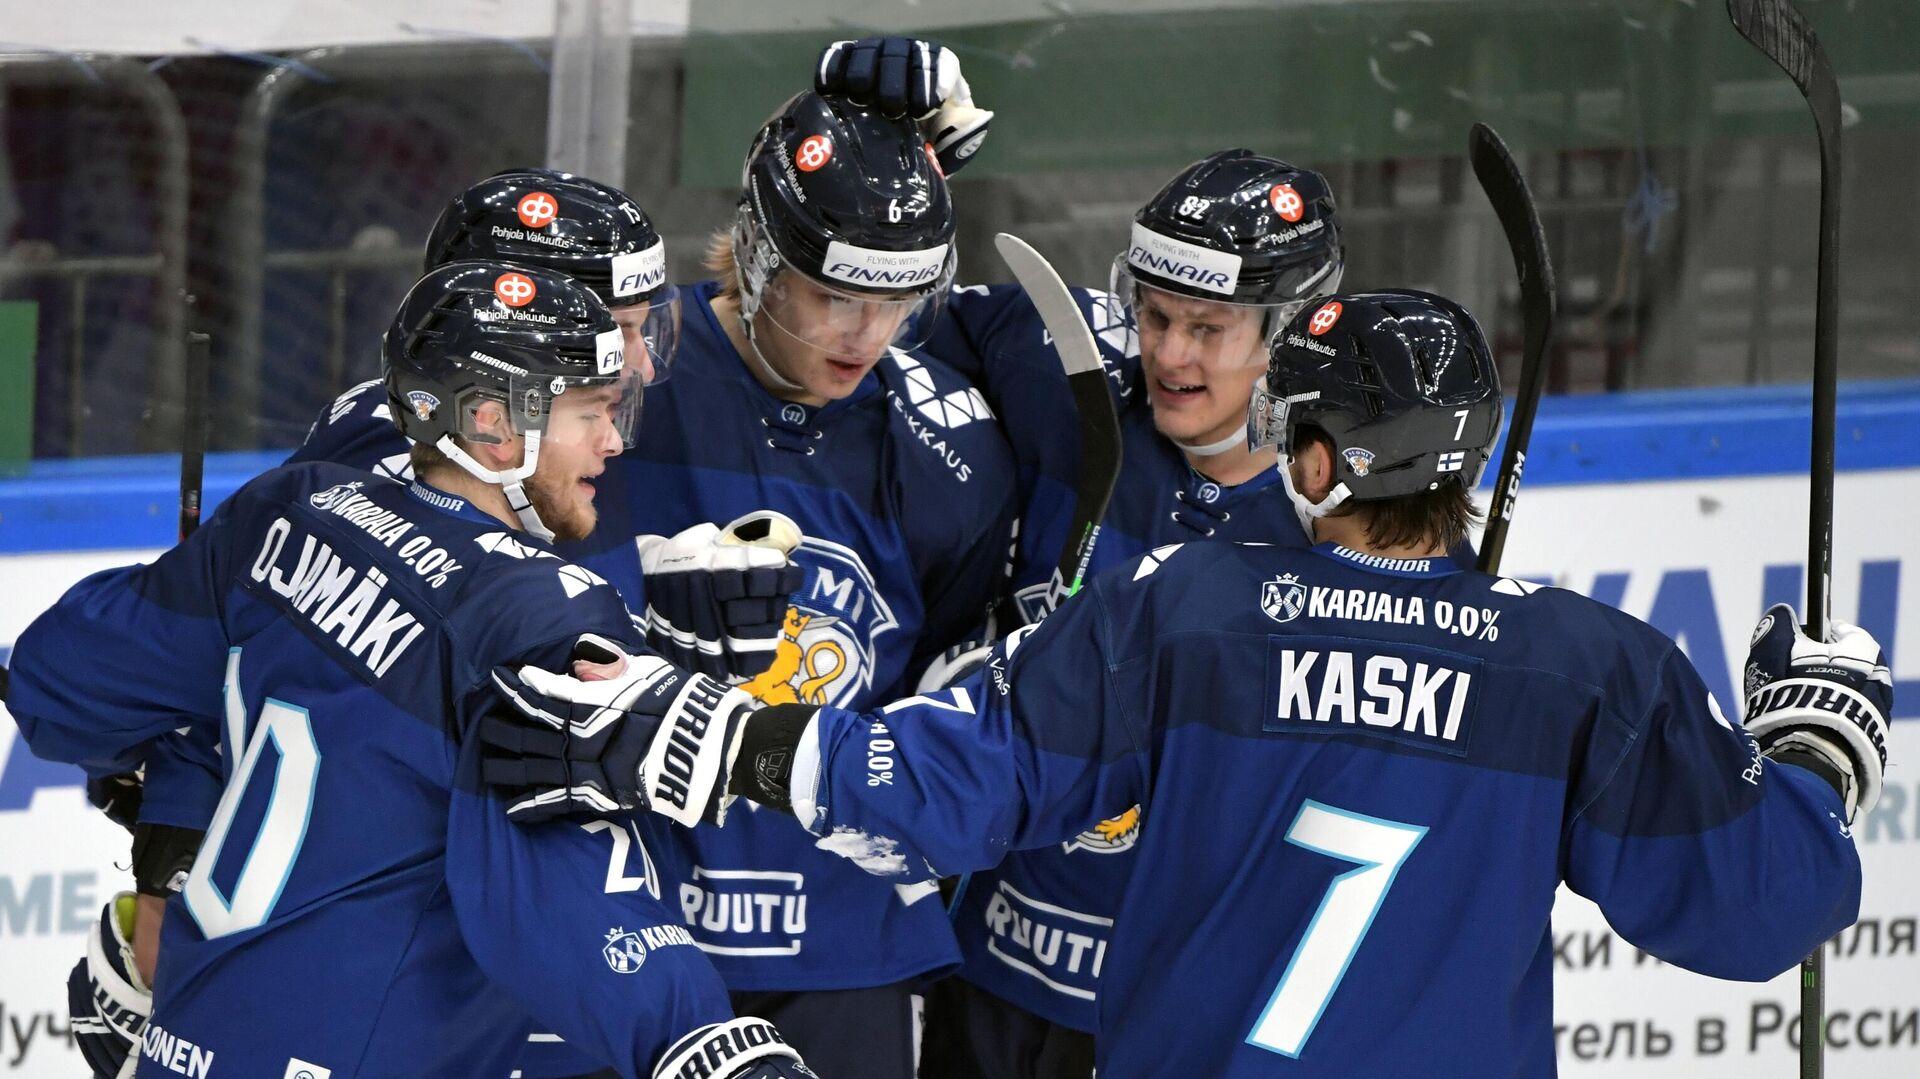 Хоккеисты сборной Финляндии - РИА Новости, 1920, 17.12.2020